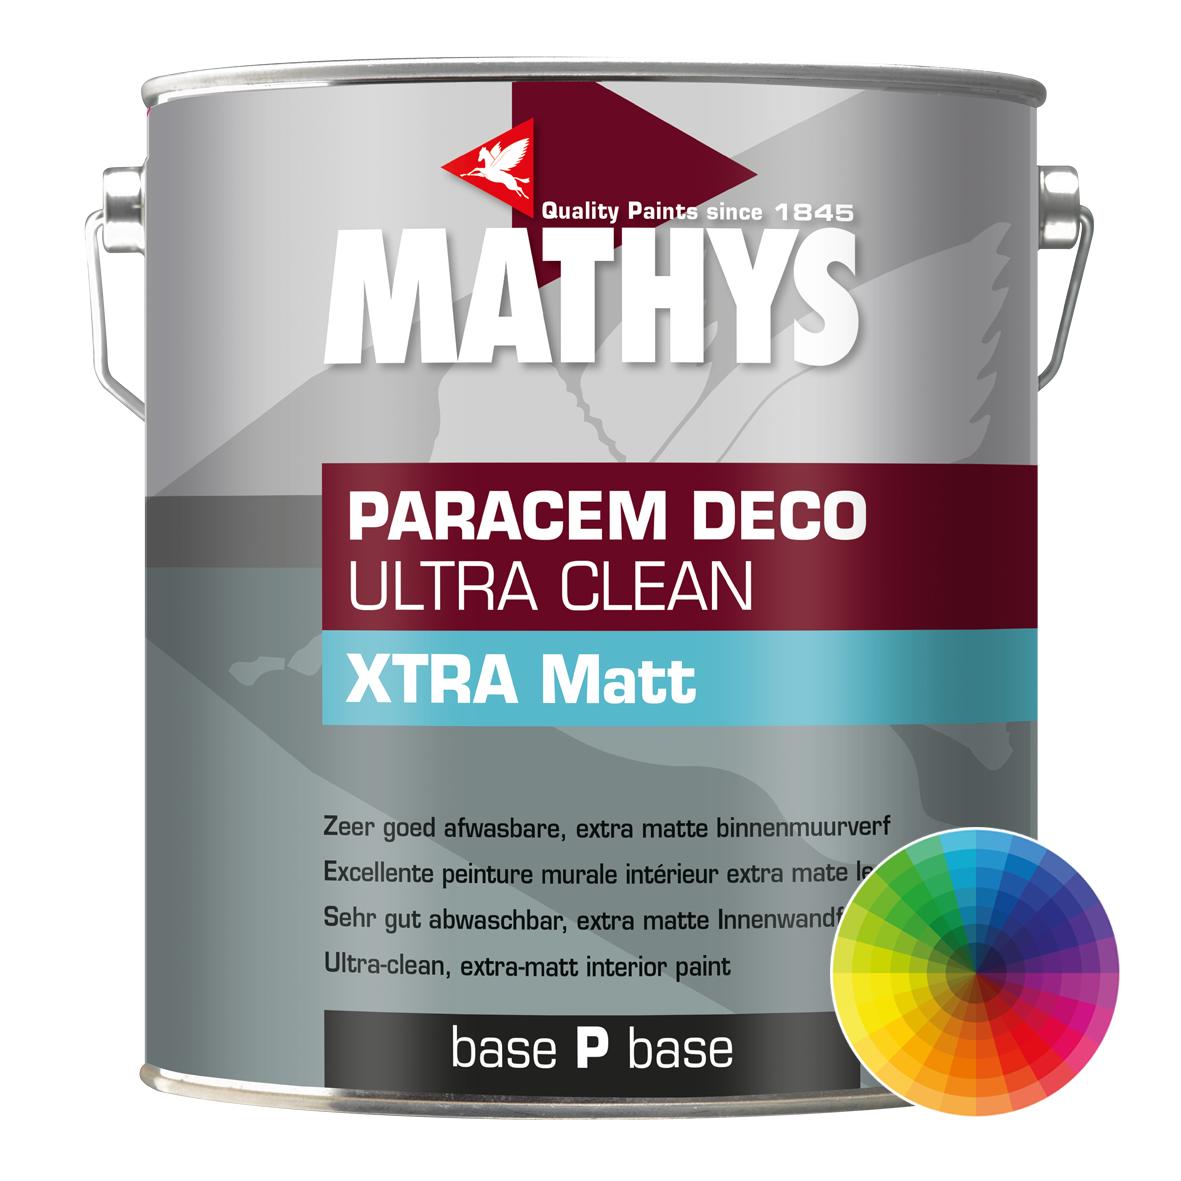 Mathys Paracem deco Ultra Clean XTRA Matt